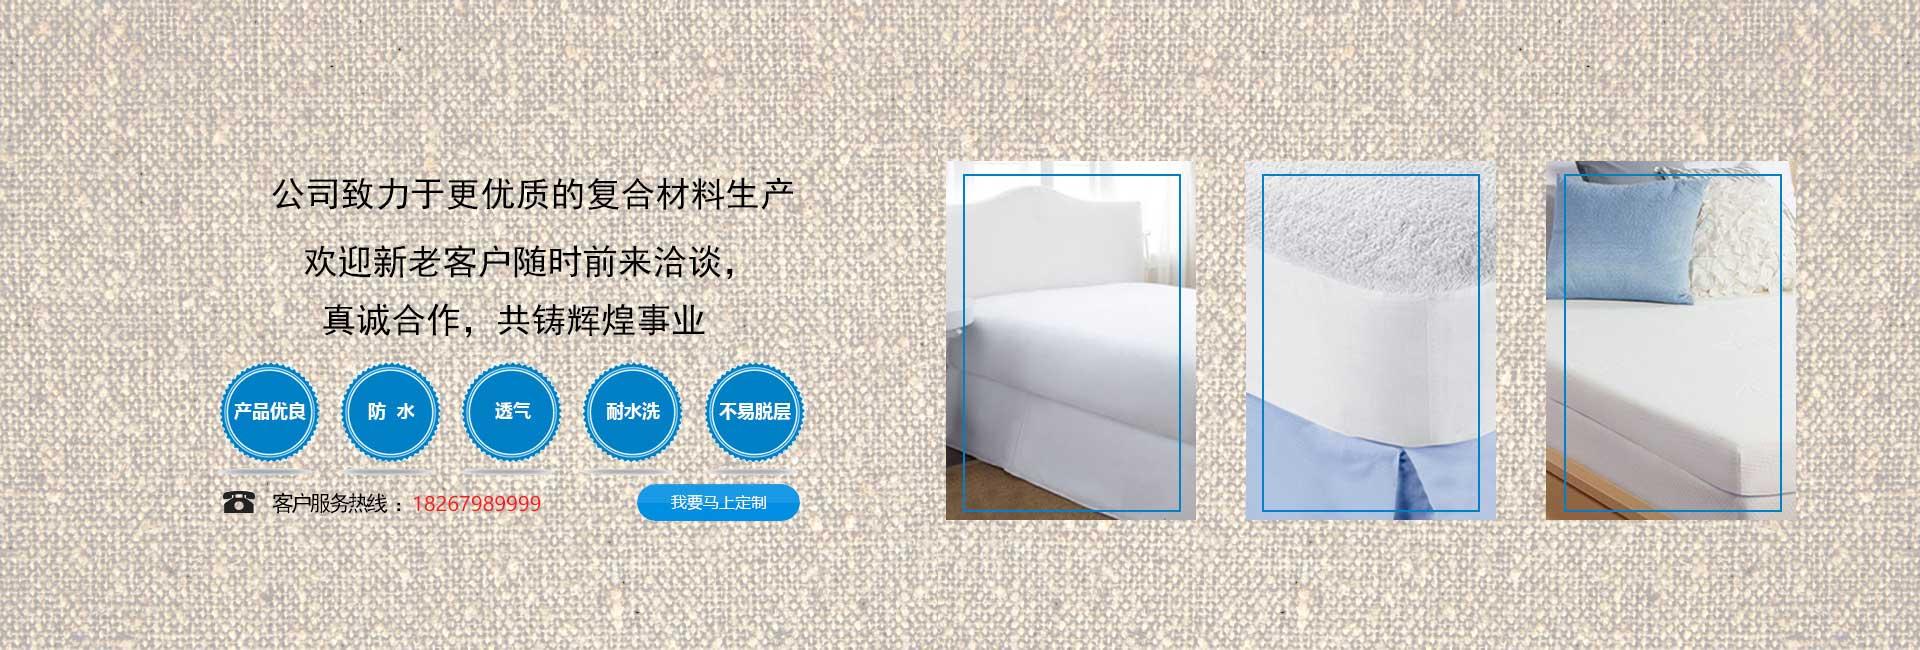 91成版人抖音app破解版网站麵料